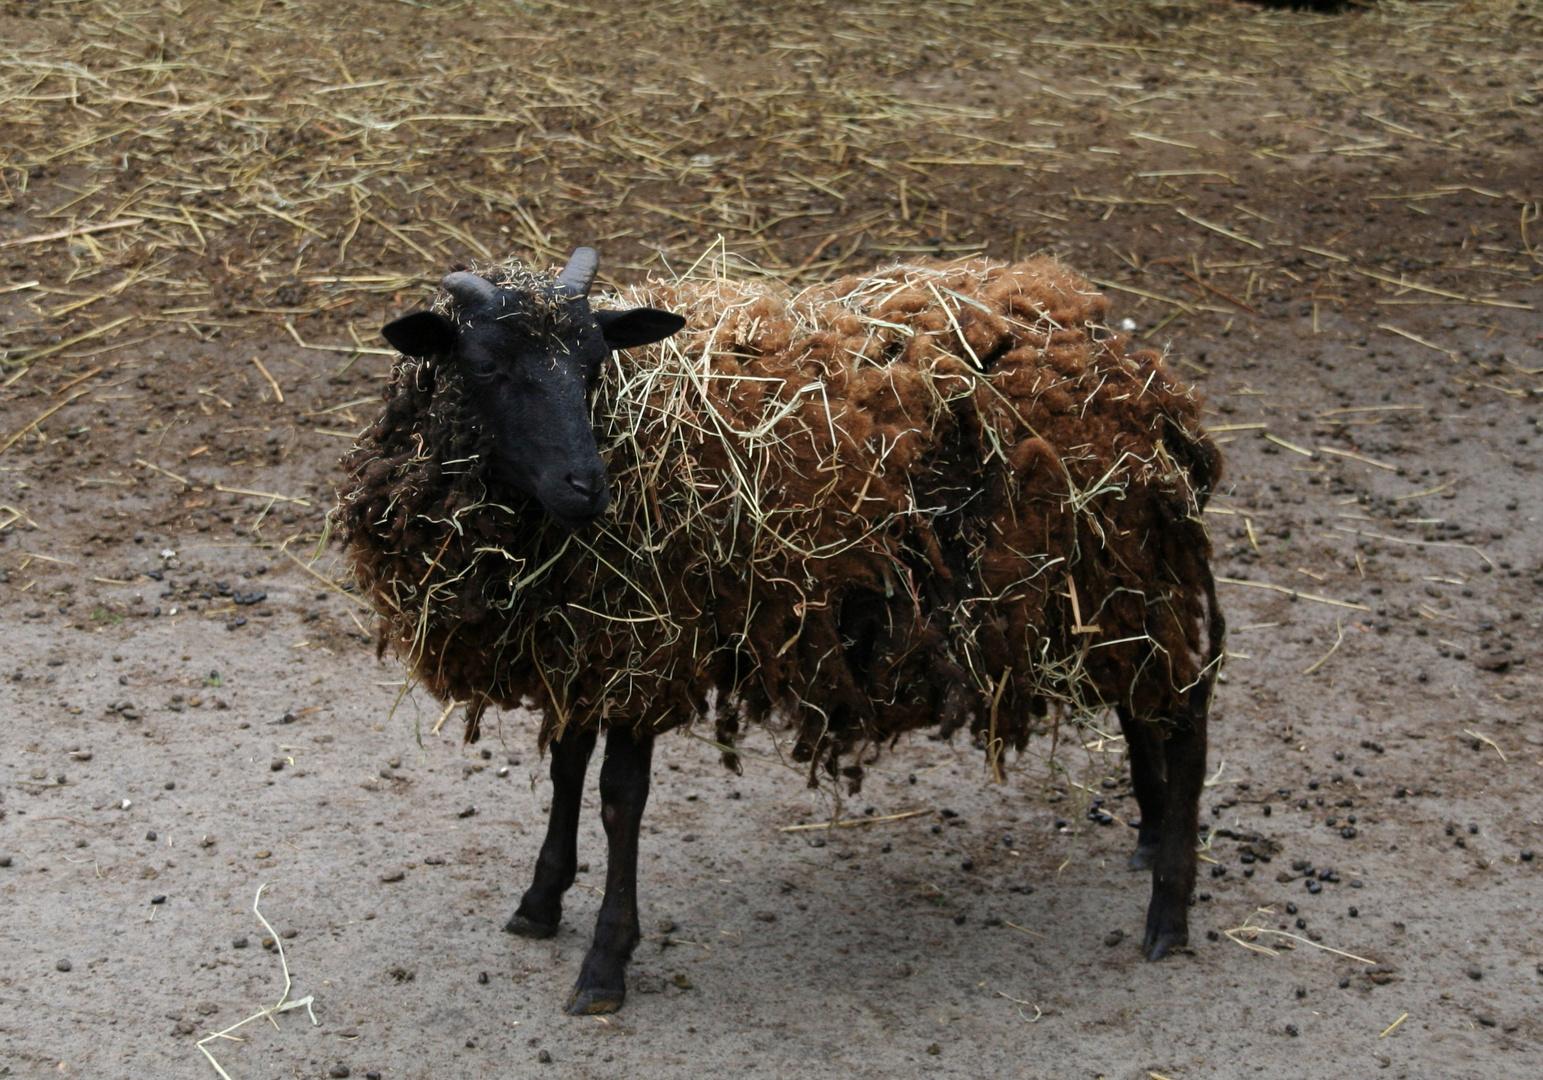 Auf diesem Bild hat sich ein Schaf versteckt - finde es!